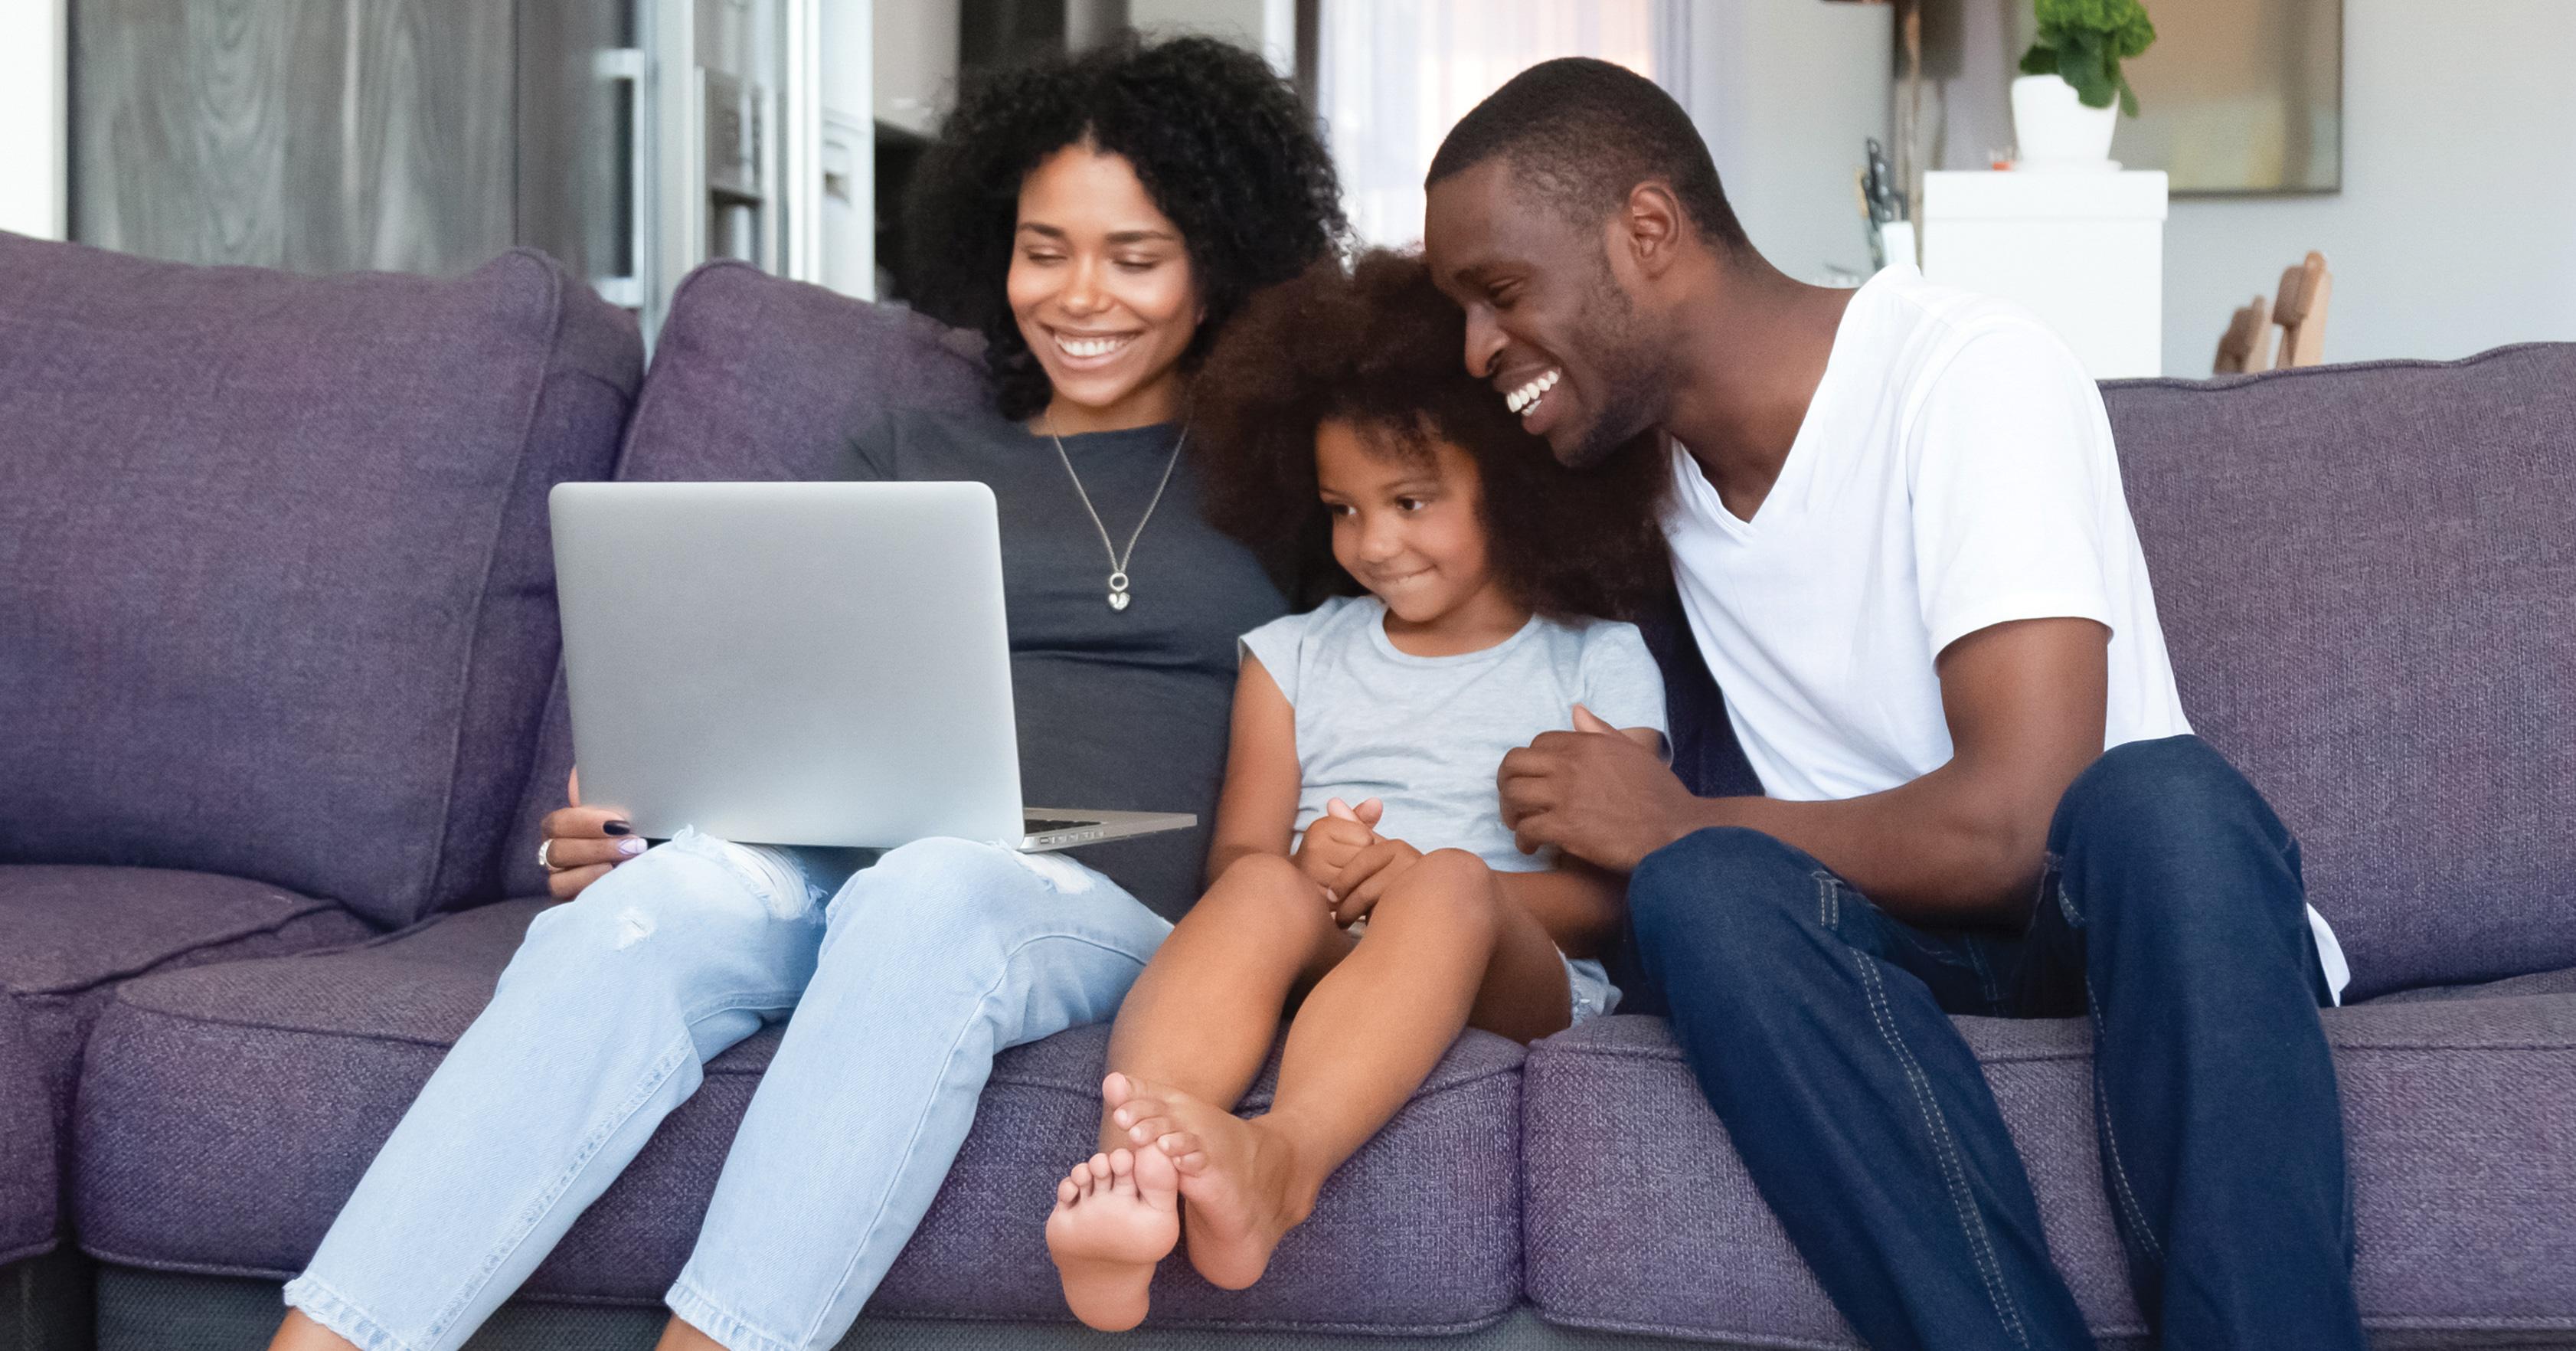 Veja a importância do planejamento familiar financeiro